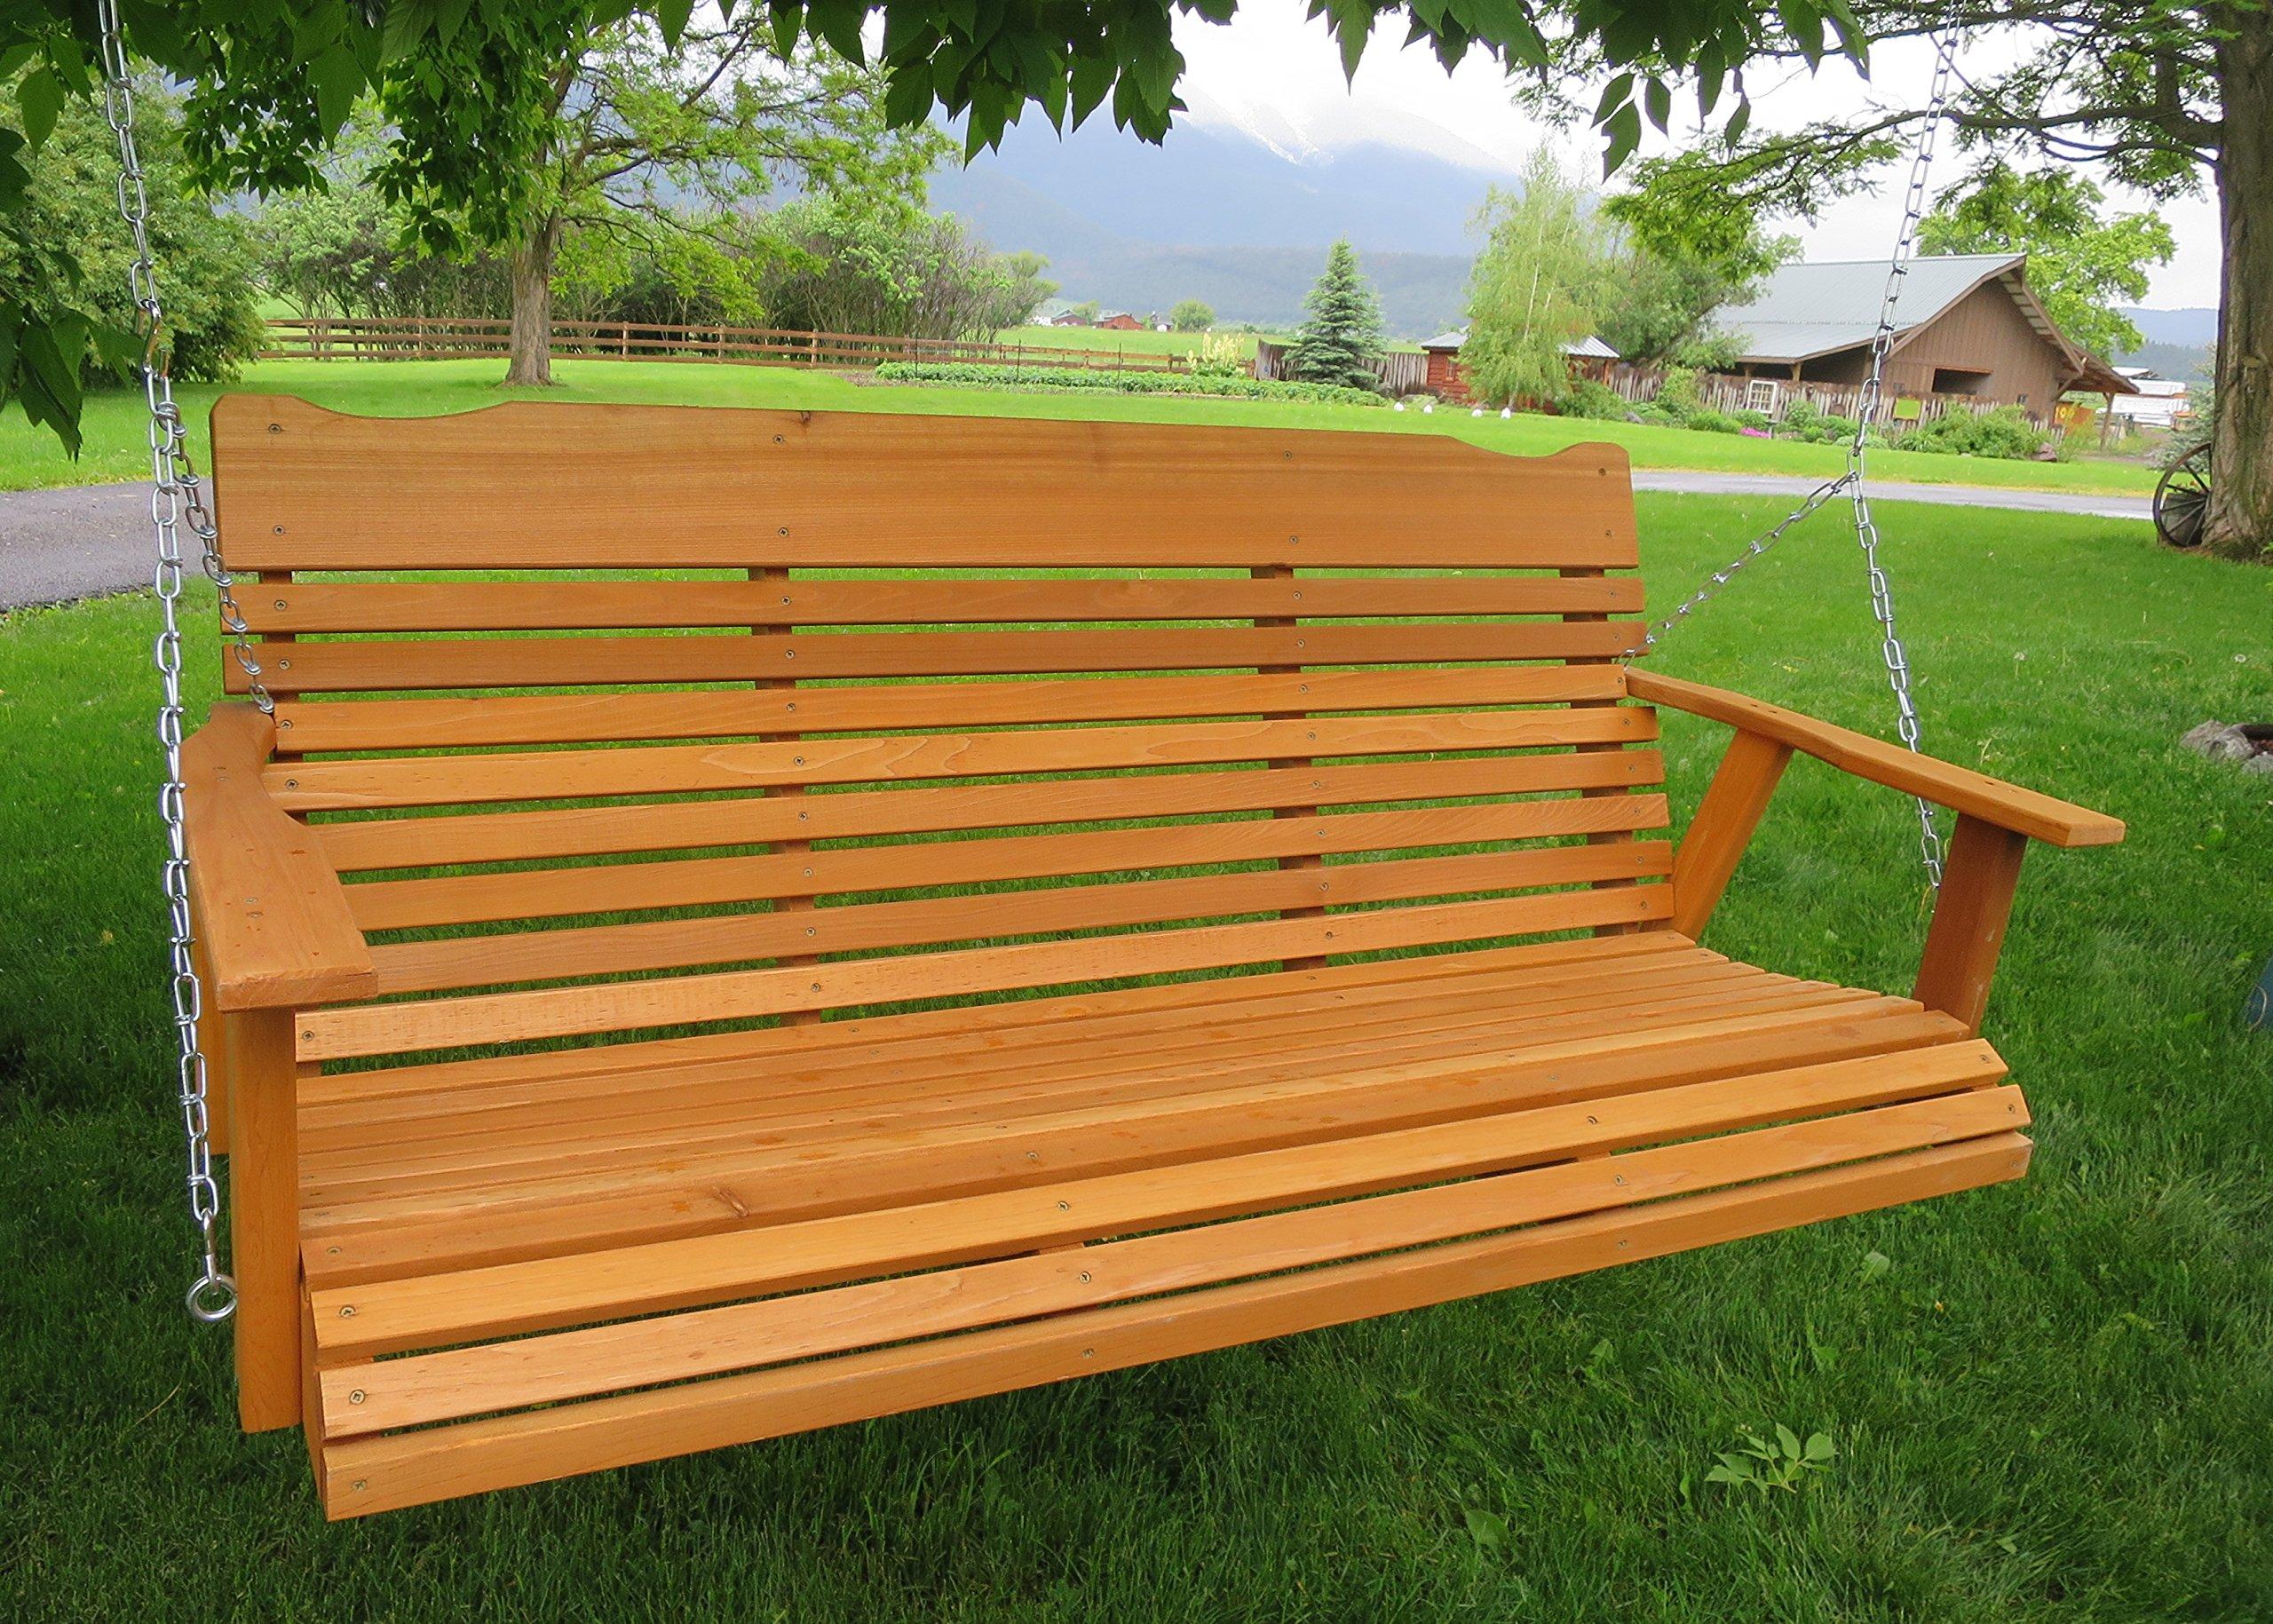 Cheap Cedar Swing Sets, Find Cedar Swing Sets Deals On Line Inside A4 Ft Cedar Pergola Swings (Image 11 of 25)